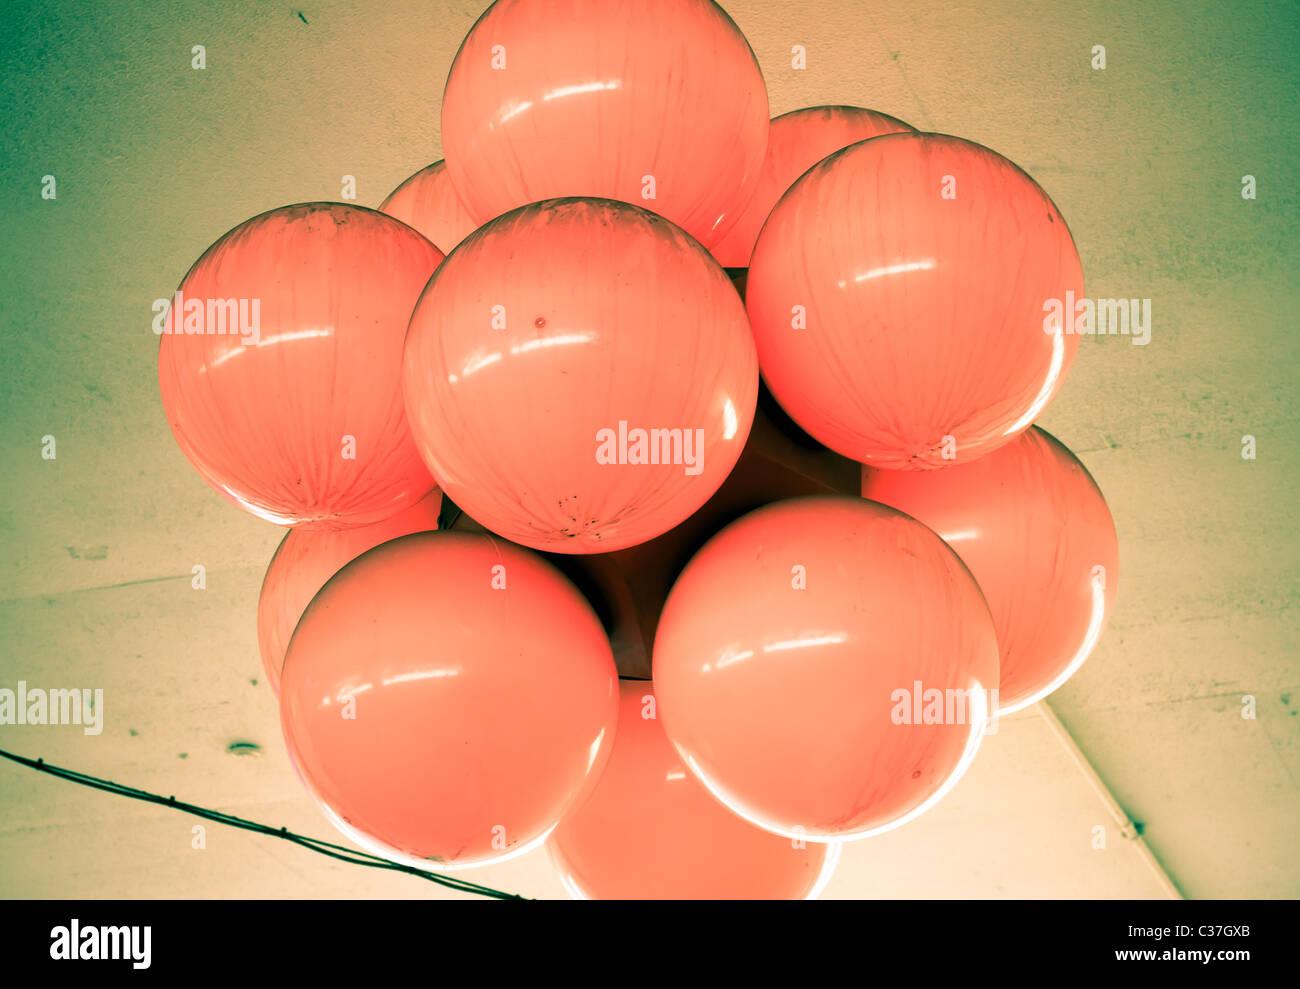 Bunte Ballonkunst nah an das Postfach in Birmingham, Großbritannien. Stockbild